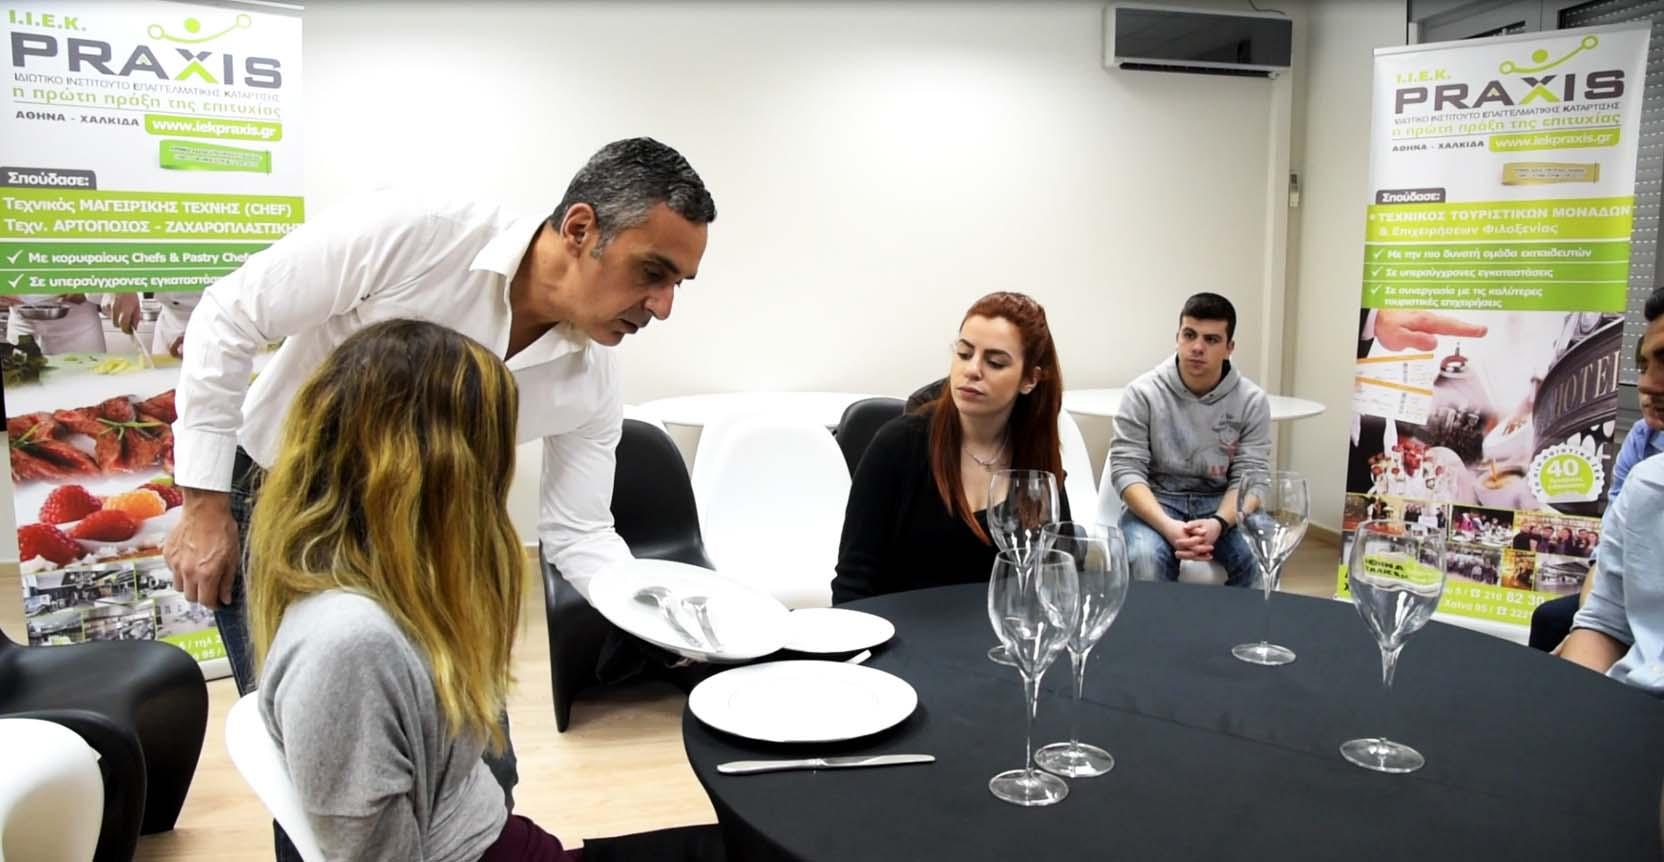 Εστιατόριο: Προετοιμασία Τραπεζιών & Mise en Place